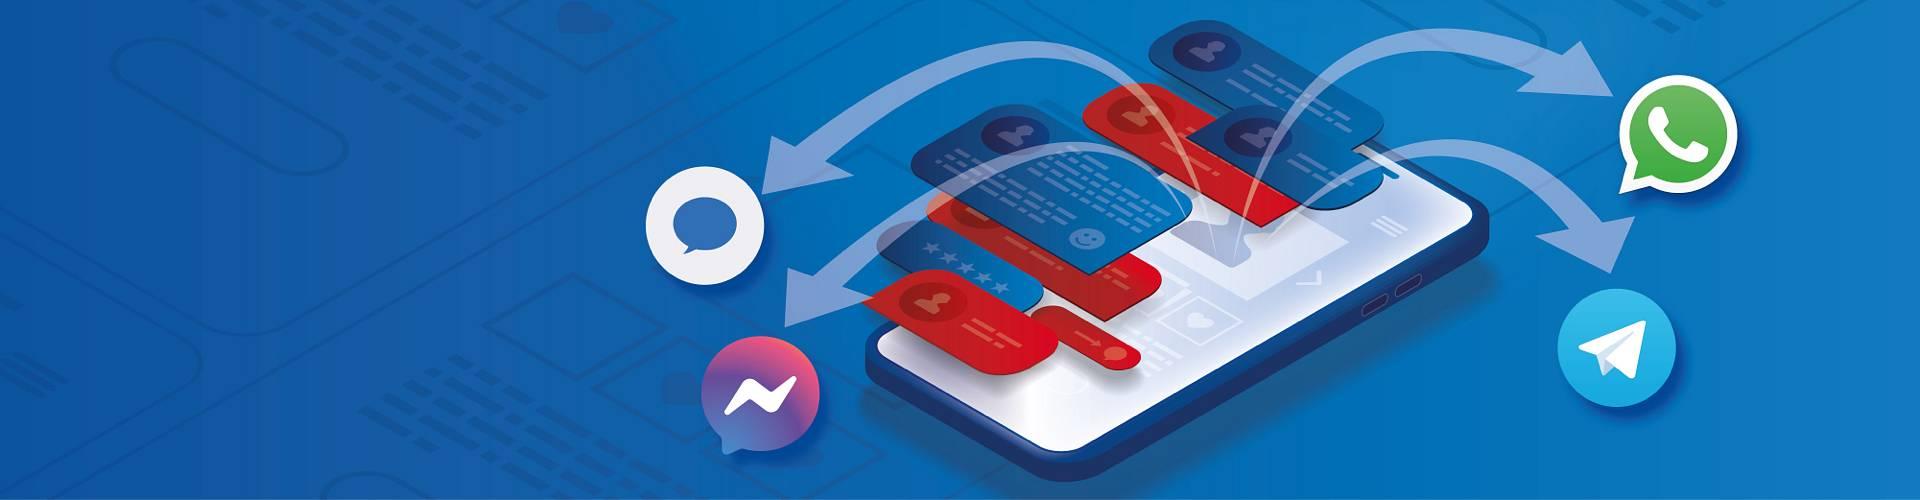 Wir beantworten Ihre Fragen über den Messenger Ihrer Wahl